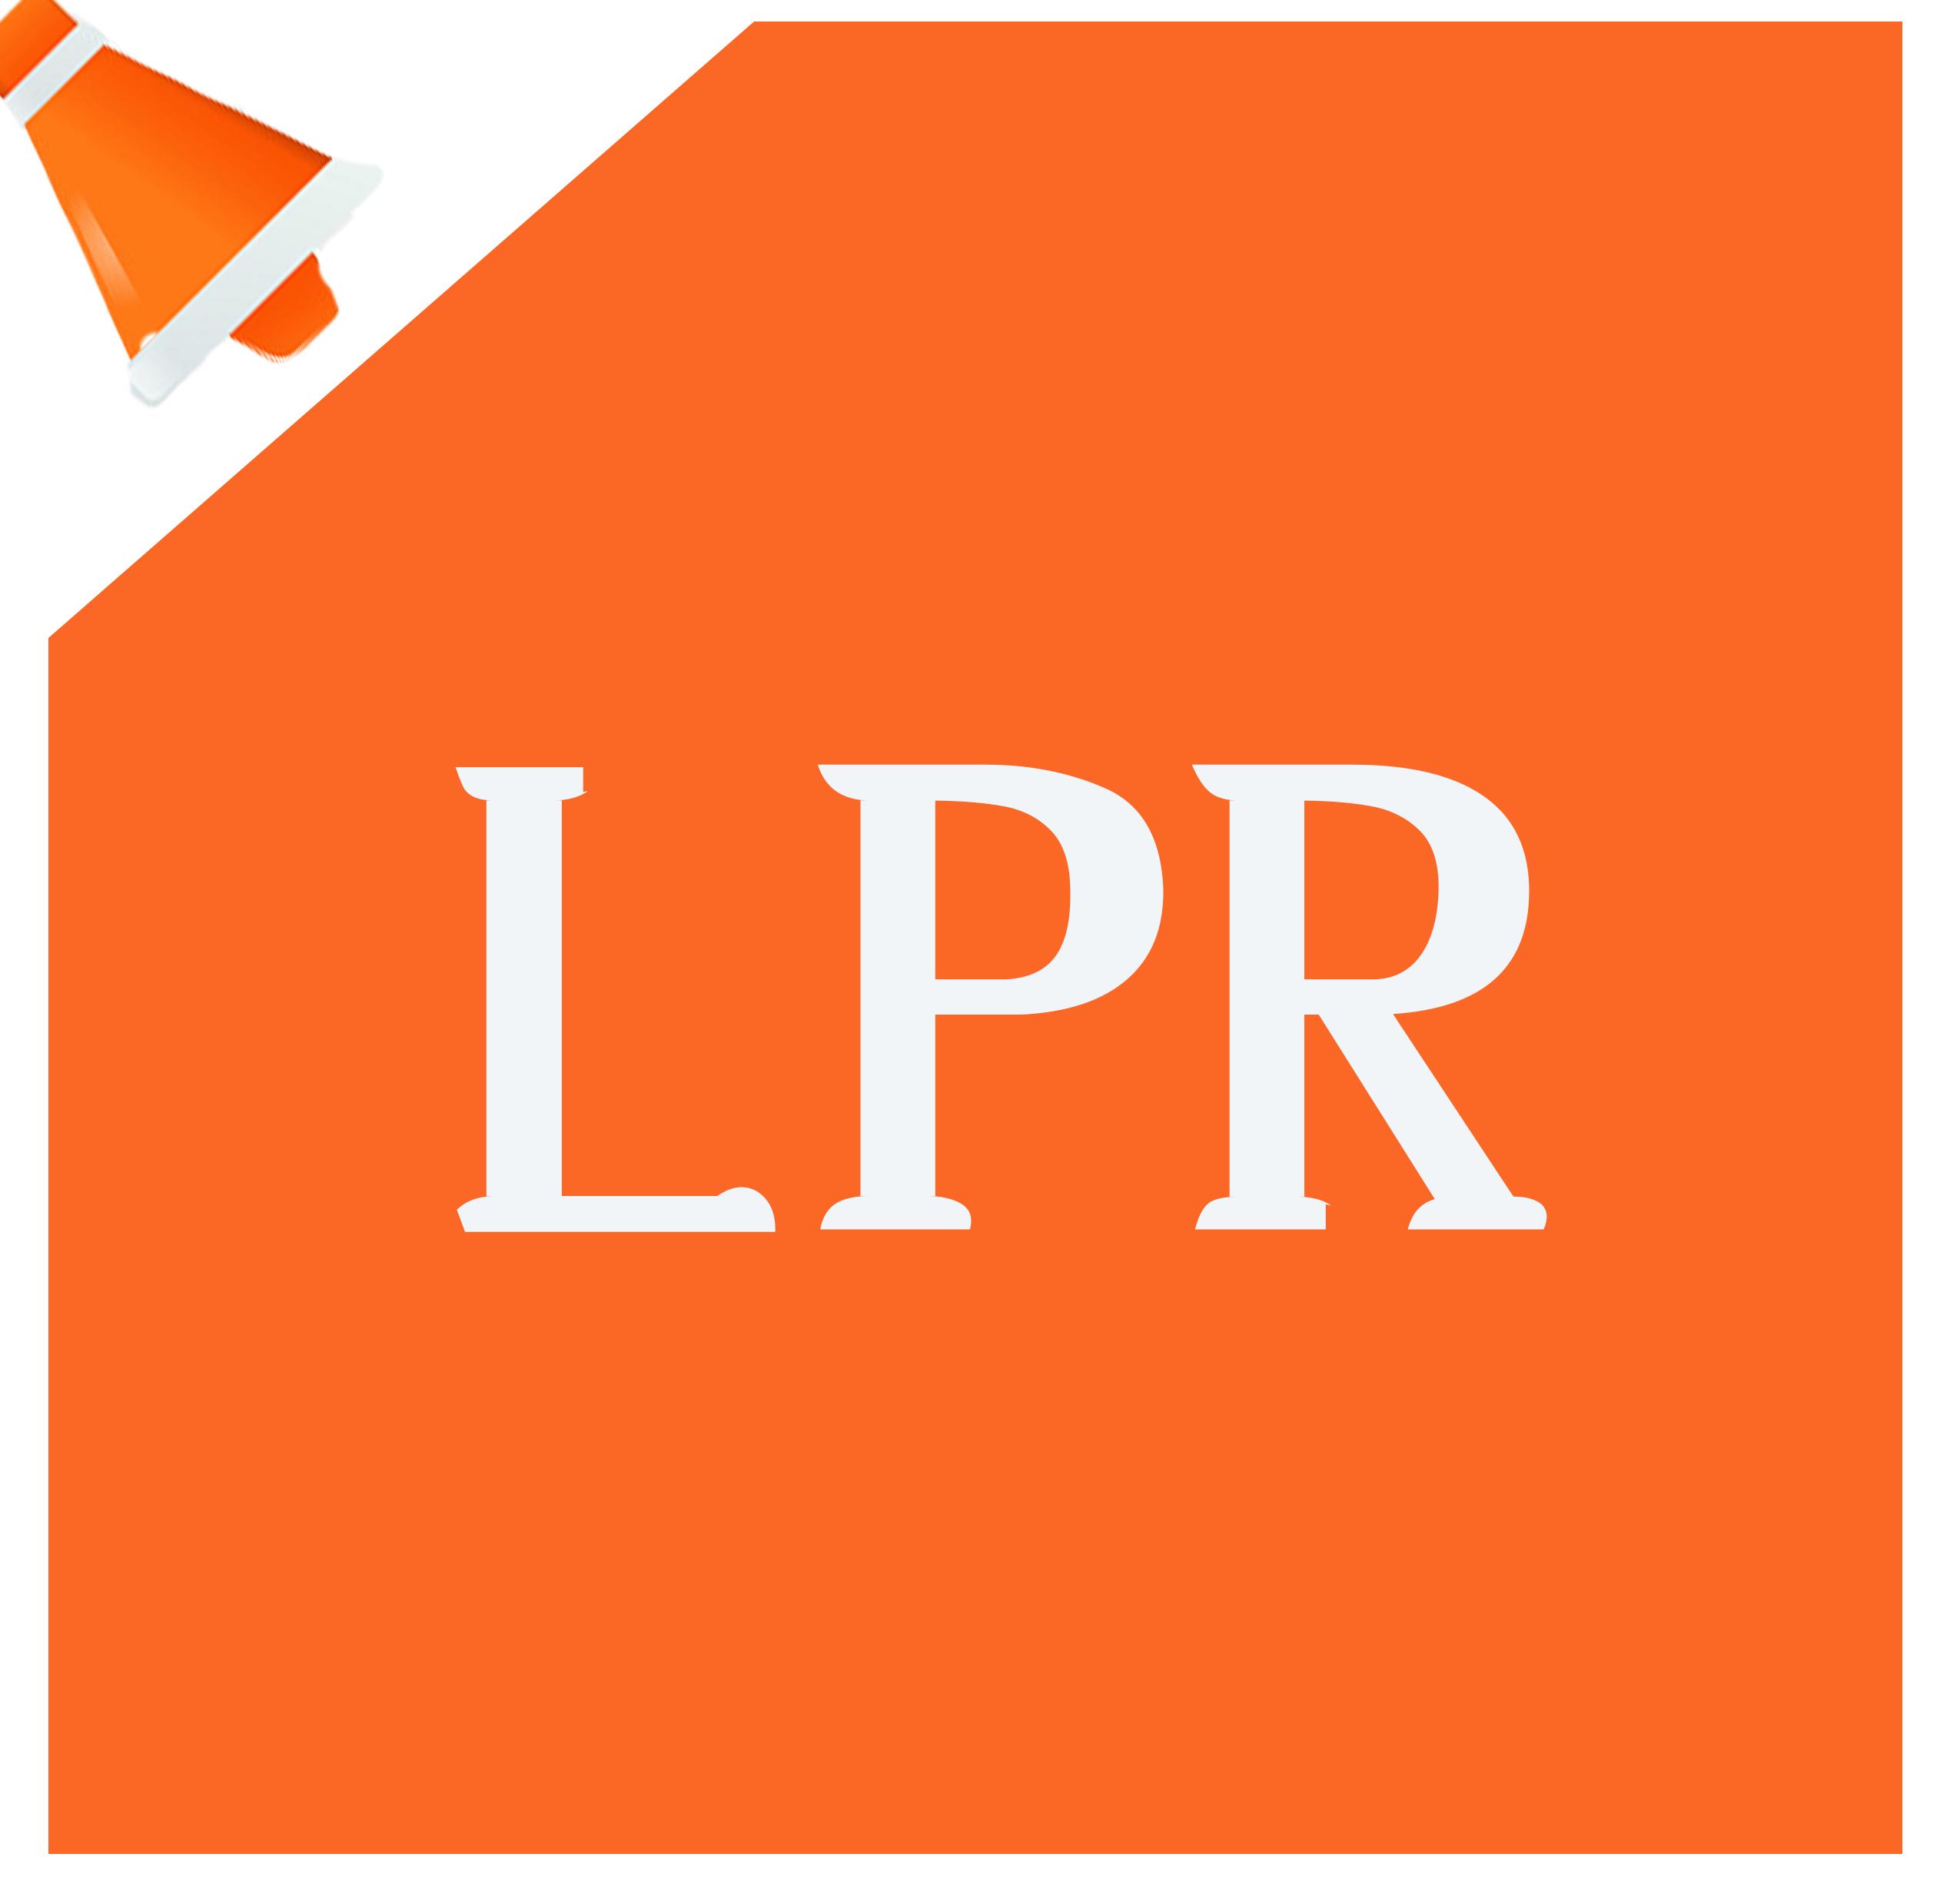 9月LPR报价出炉:1年期与5年期品种均与上月持平